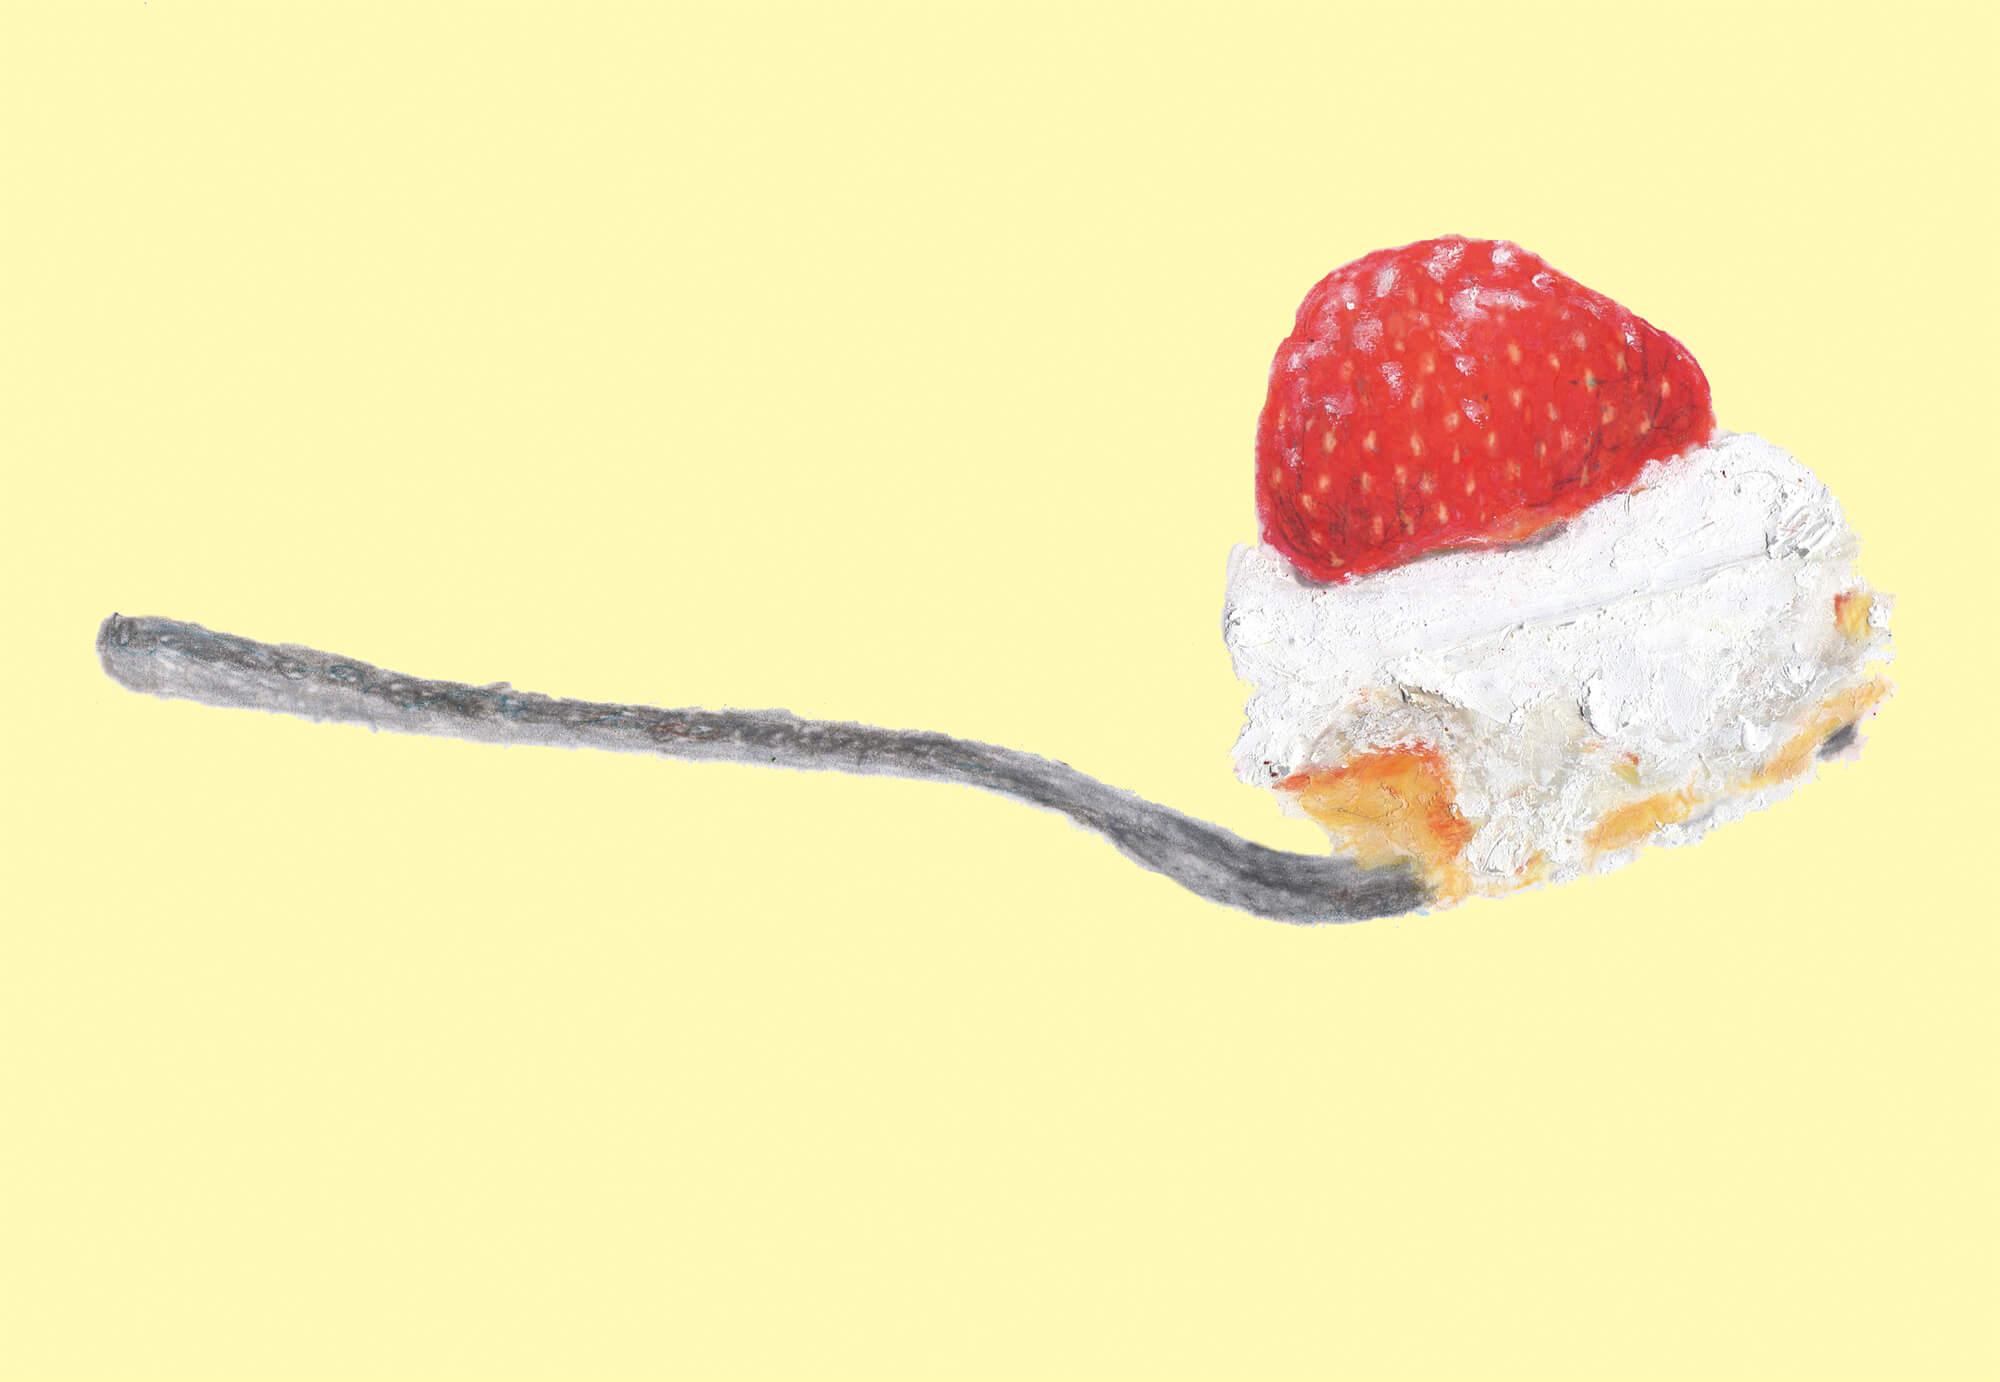 「まんぷく」ポスター NHK朝ドラ 2018年「フォークとショートケーキ」